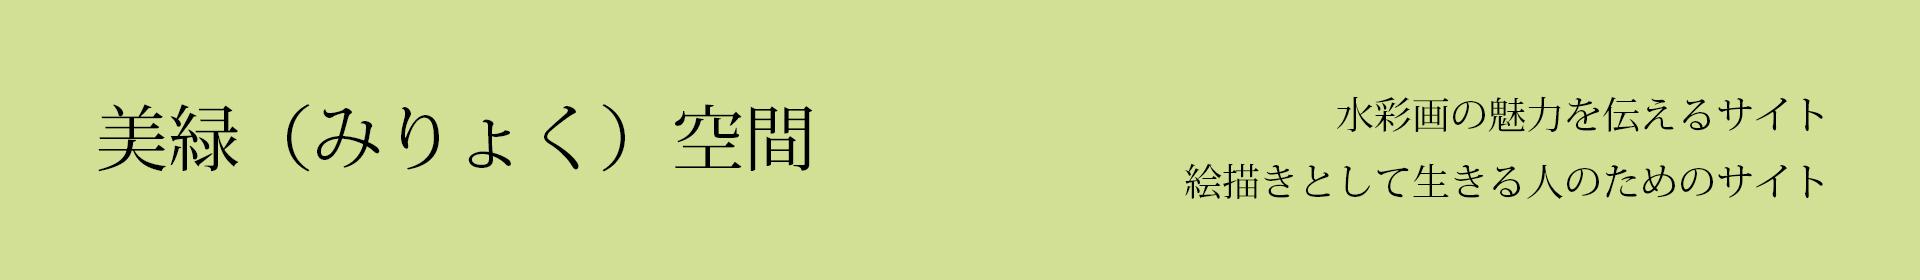 美緑(みりょく)空間